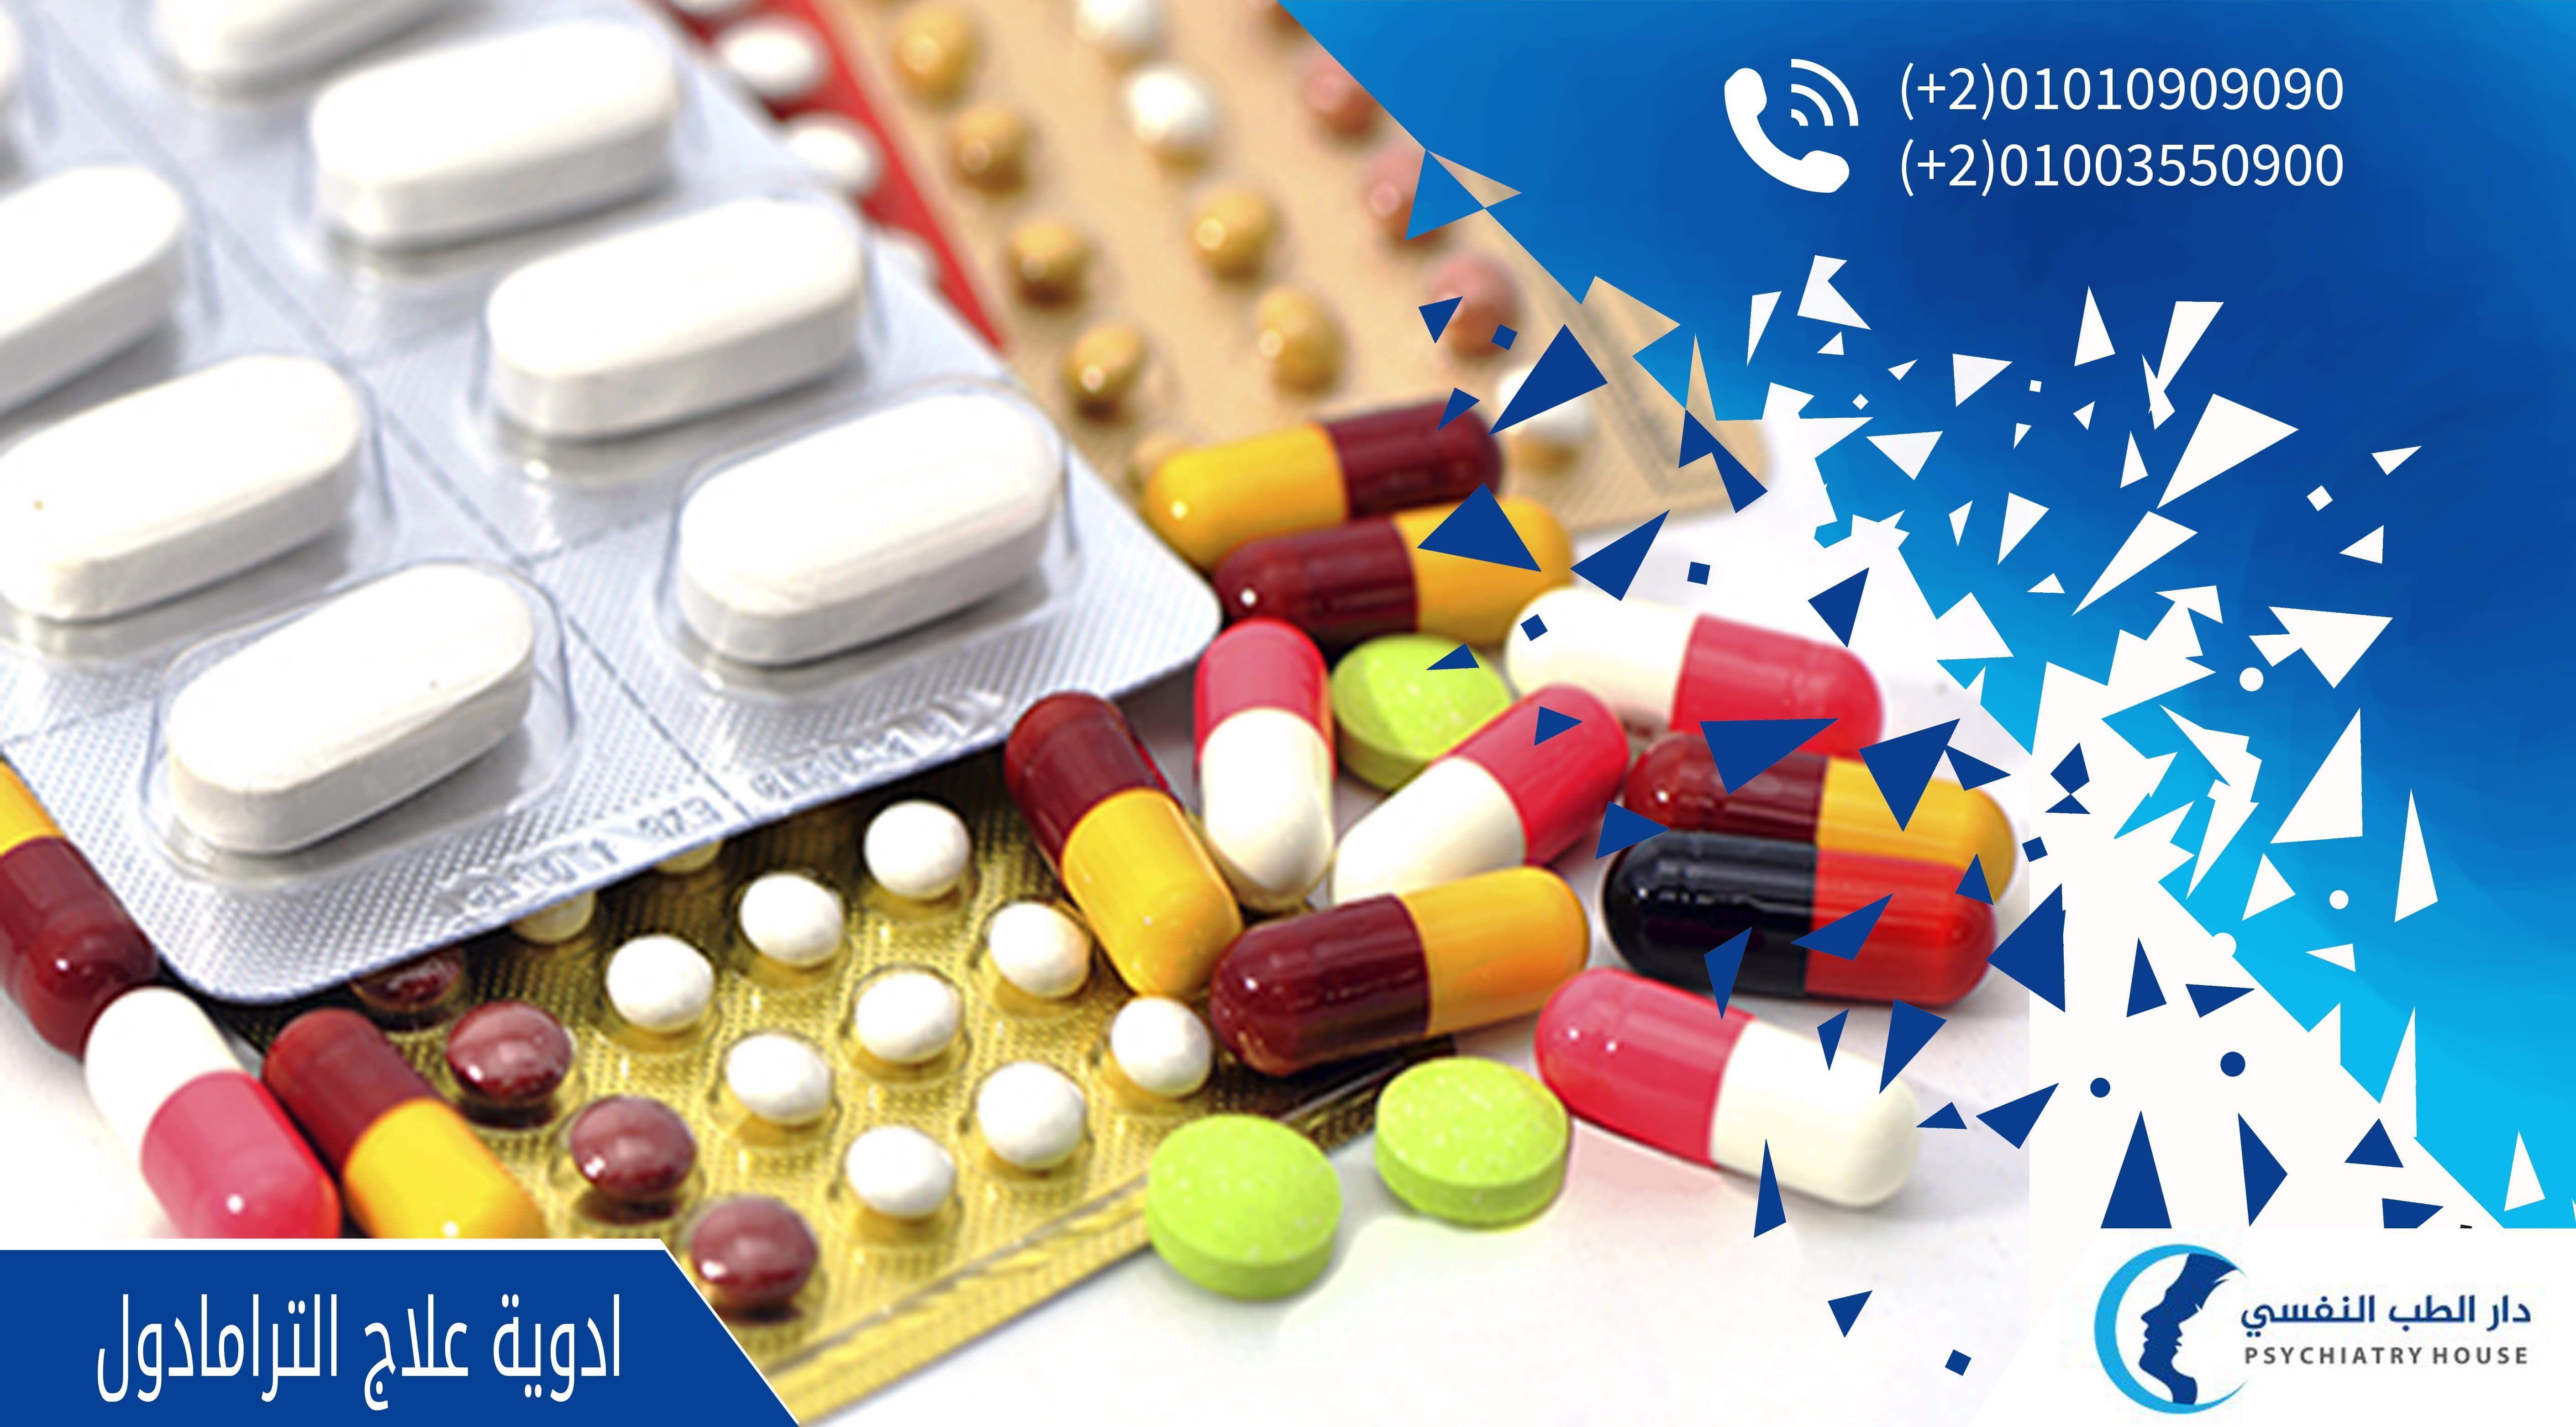 الترامادول Https Is Gd Vhzvag ابرز الاحصائيات عن عقار الترامادول الذي تفشي في مجتمعاتنا كالنار في الهشيم ويدخل اد Psychiatry Pill Convenience Store Products